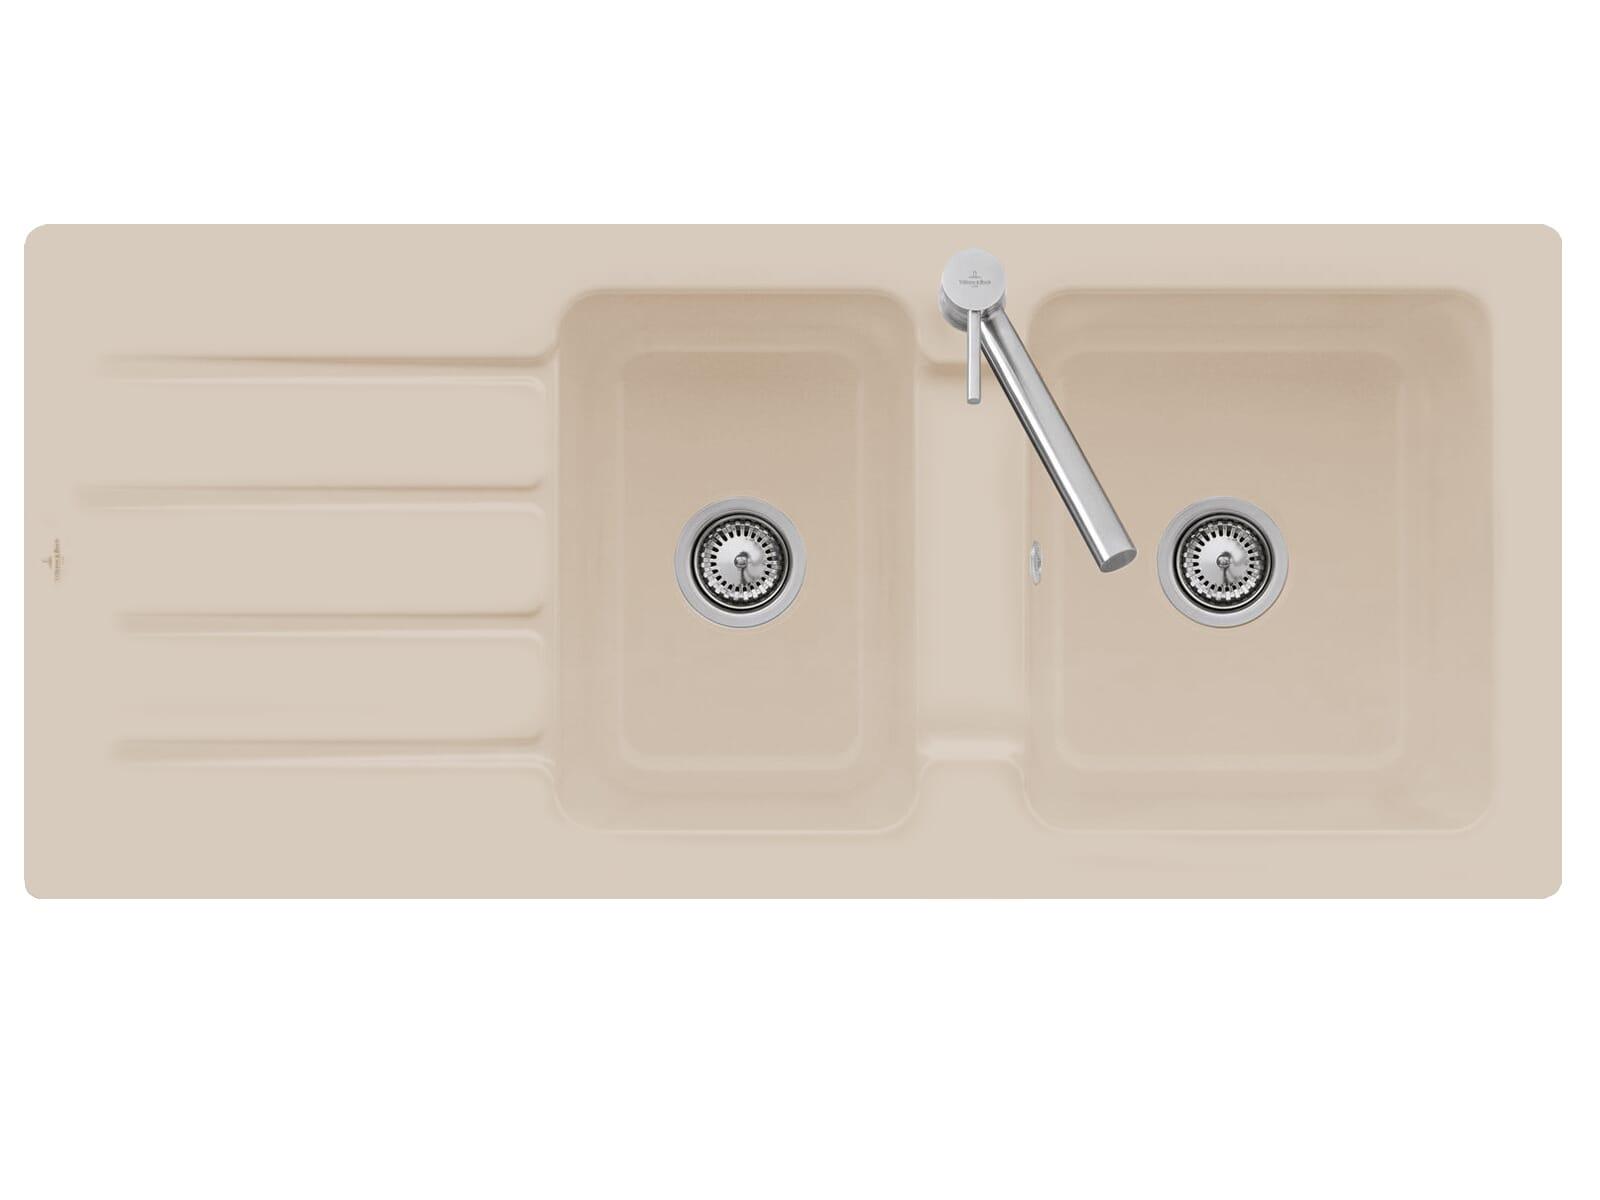 Villeroy & Boch Architectura 80 3380 01 AM Almond Keramikspüle Handbetätigung